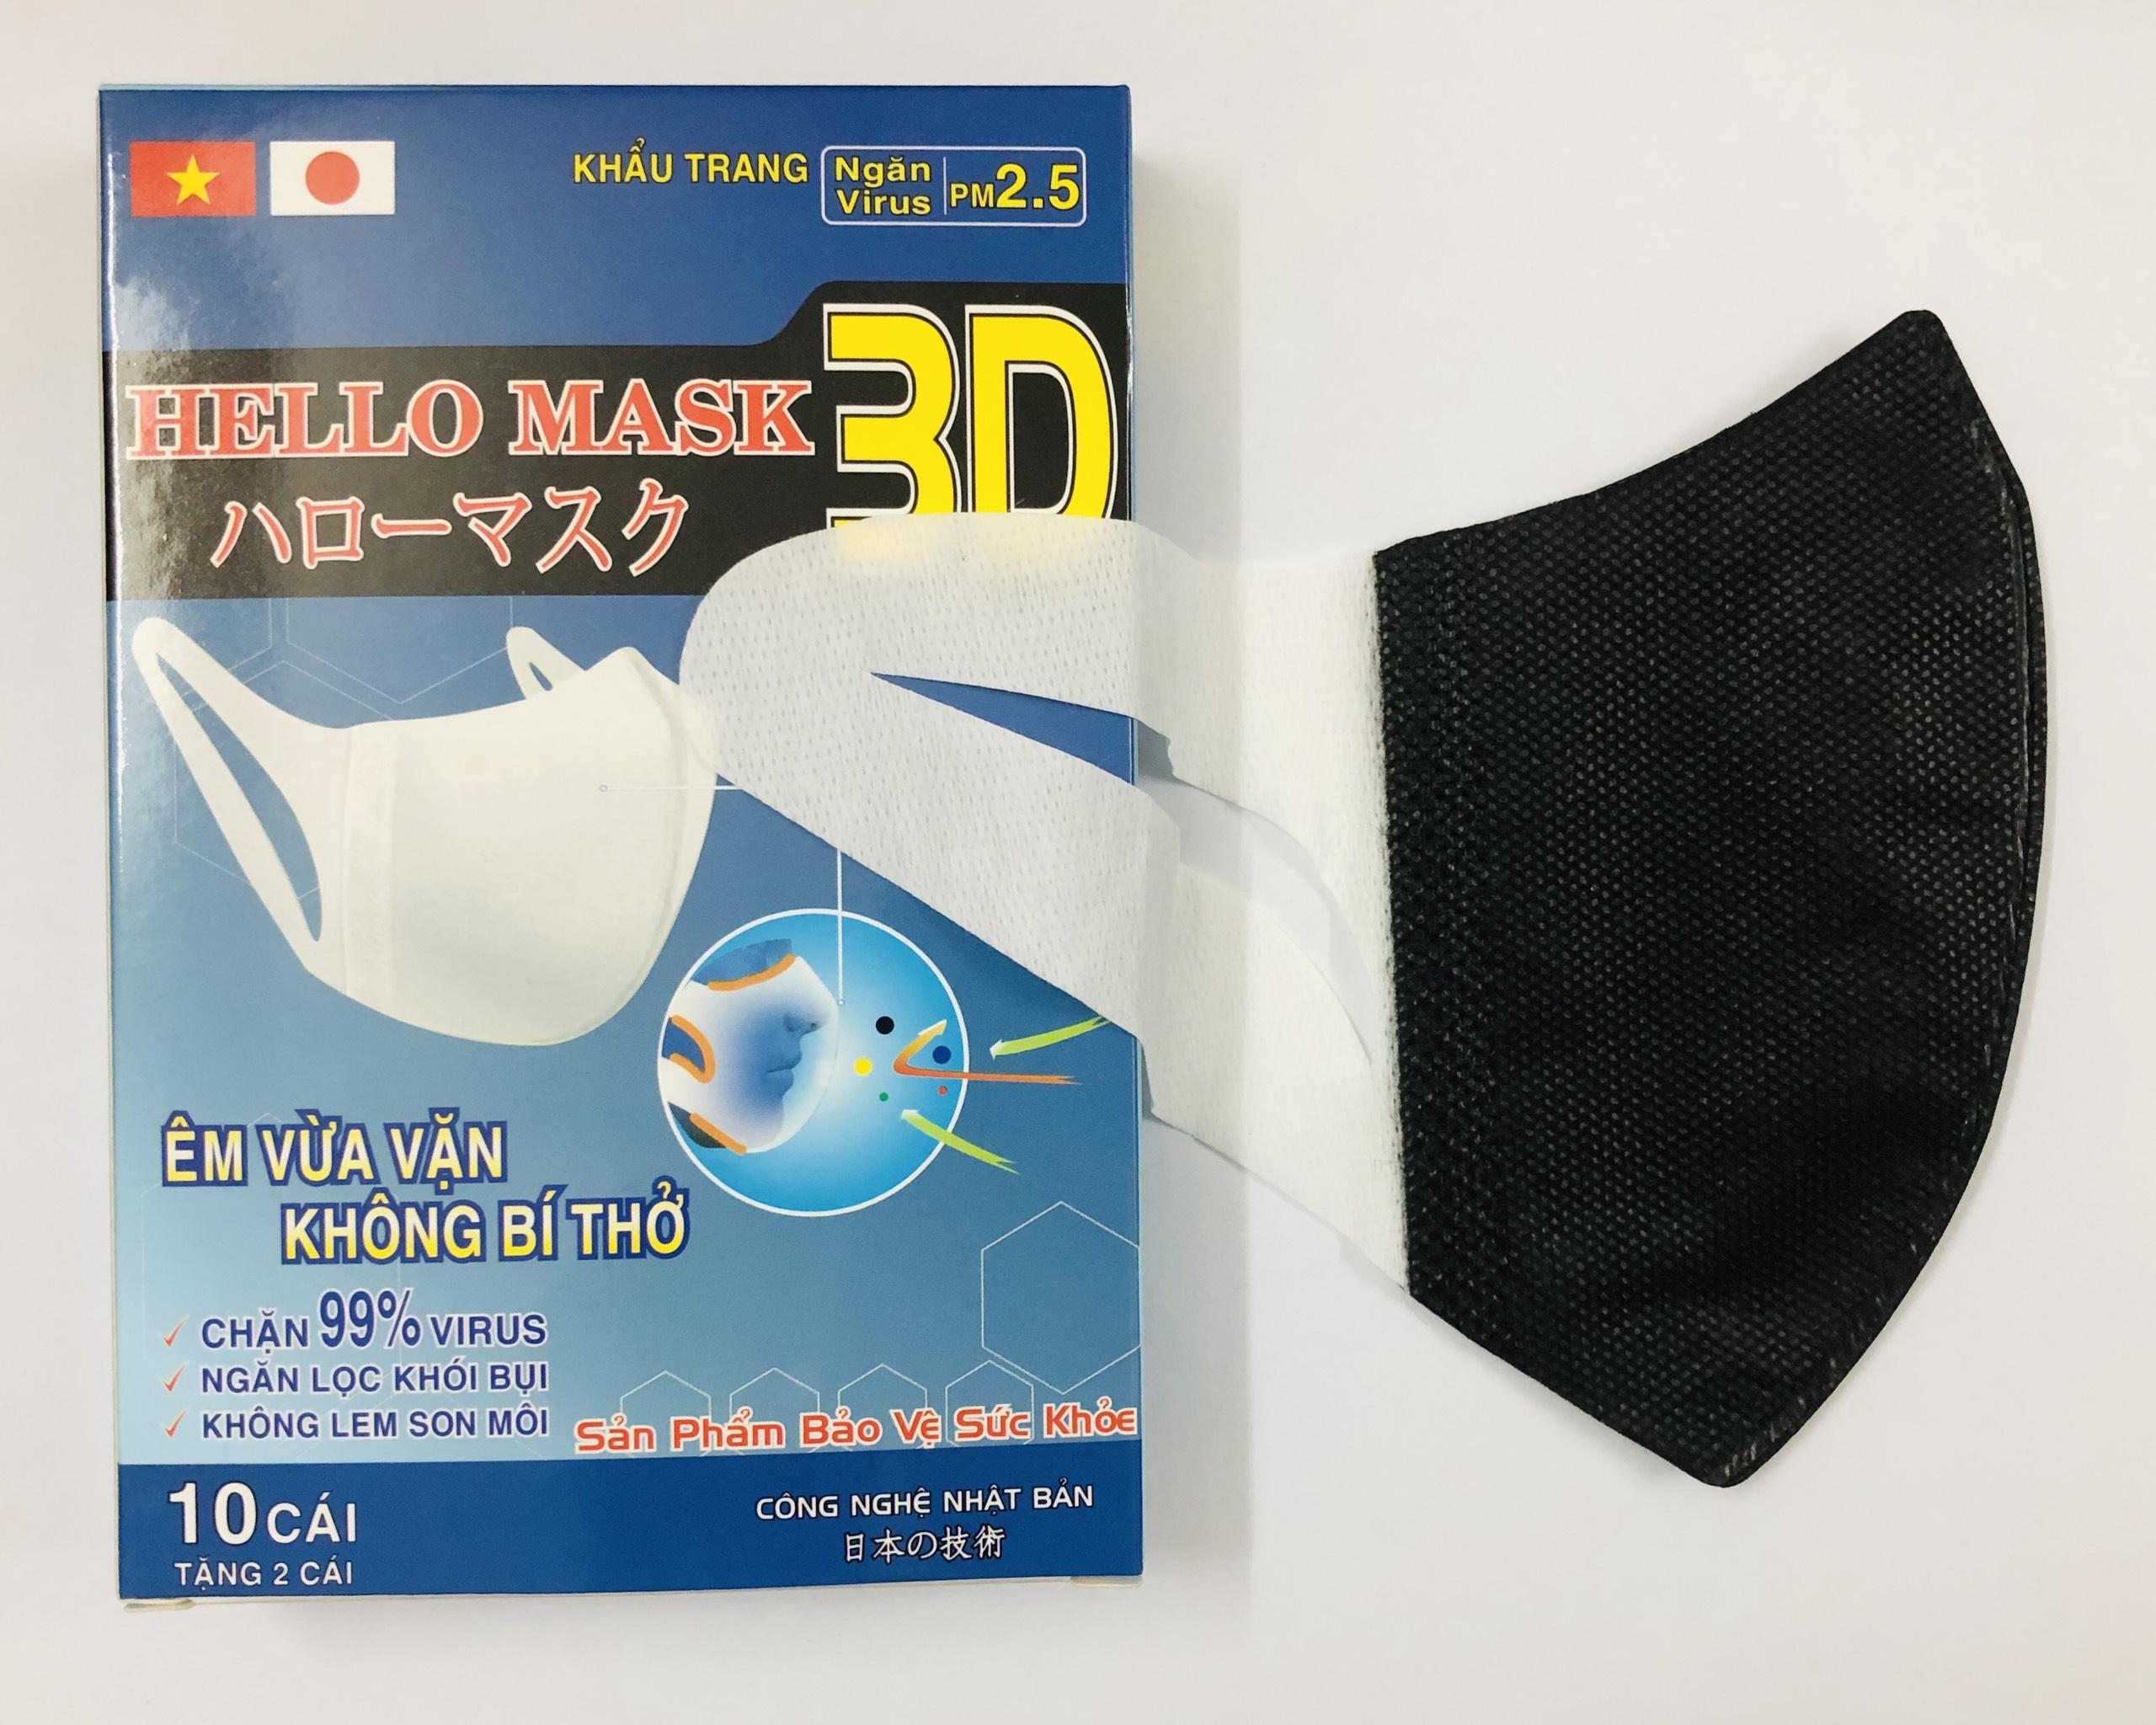 Khẩu Trang 3D Hello Mask (Hộp 10 cái) - Màu Đen